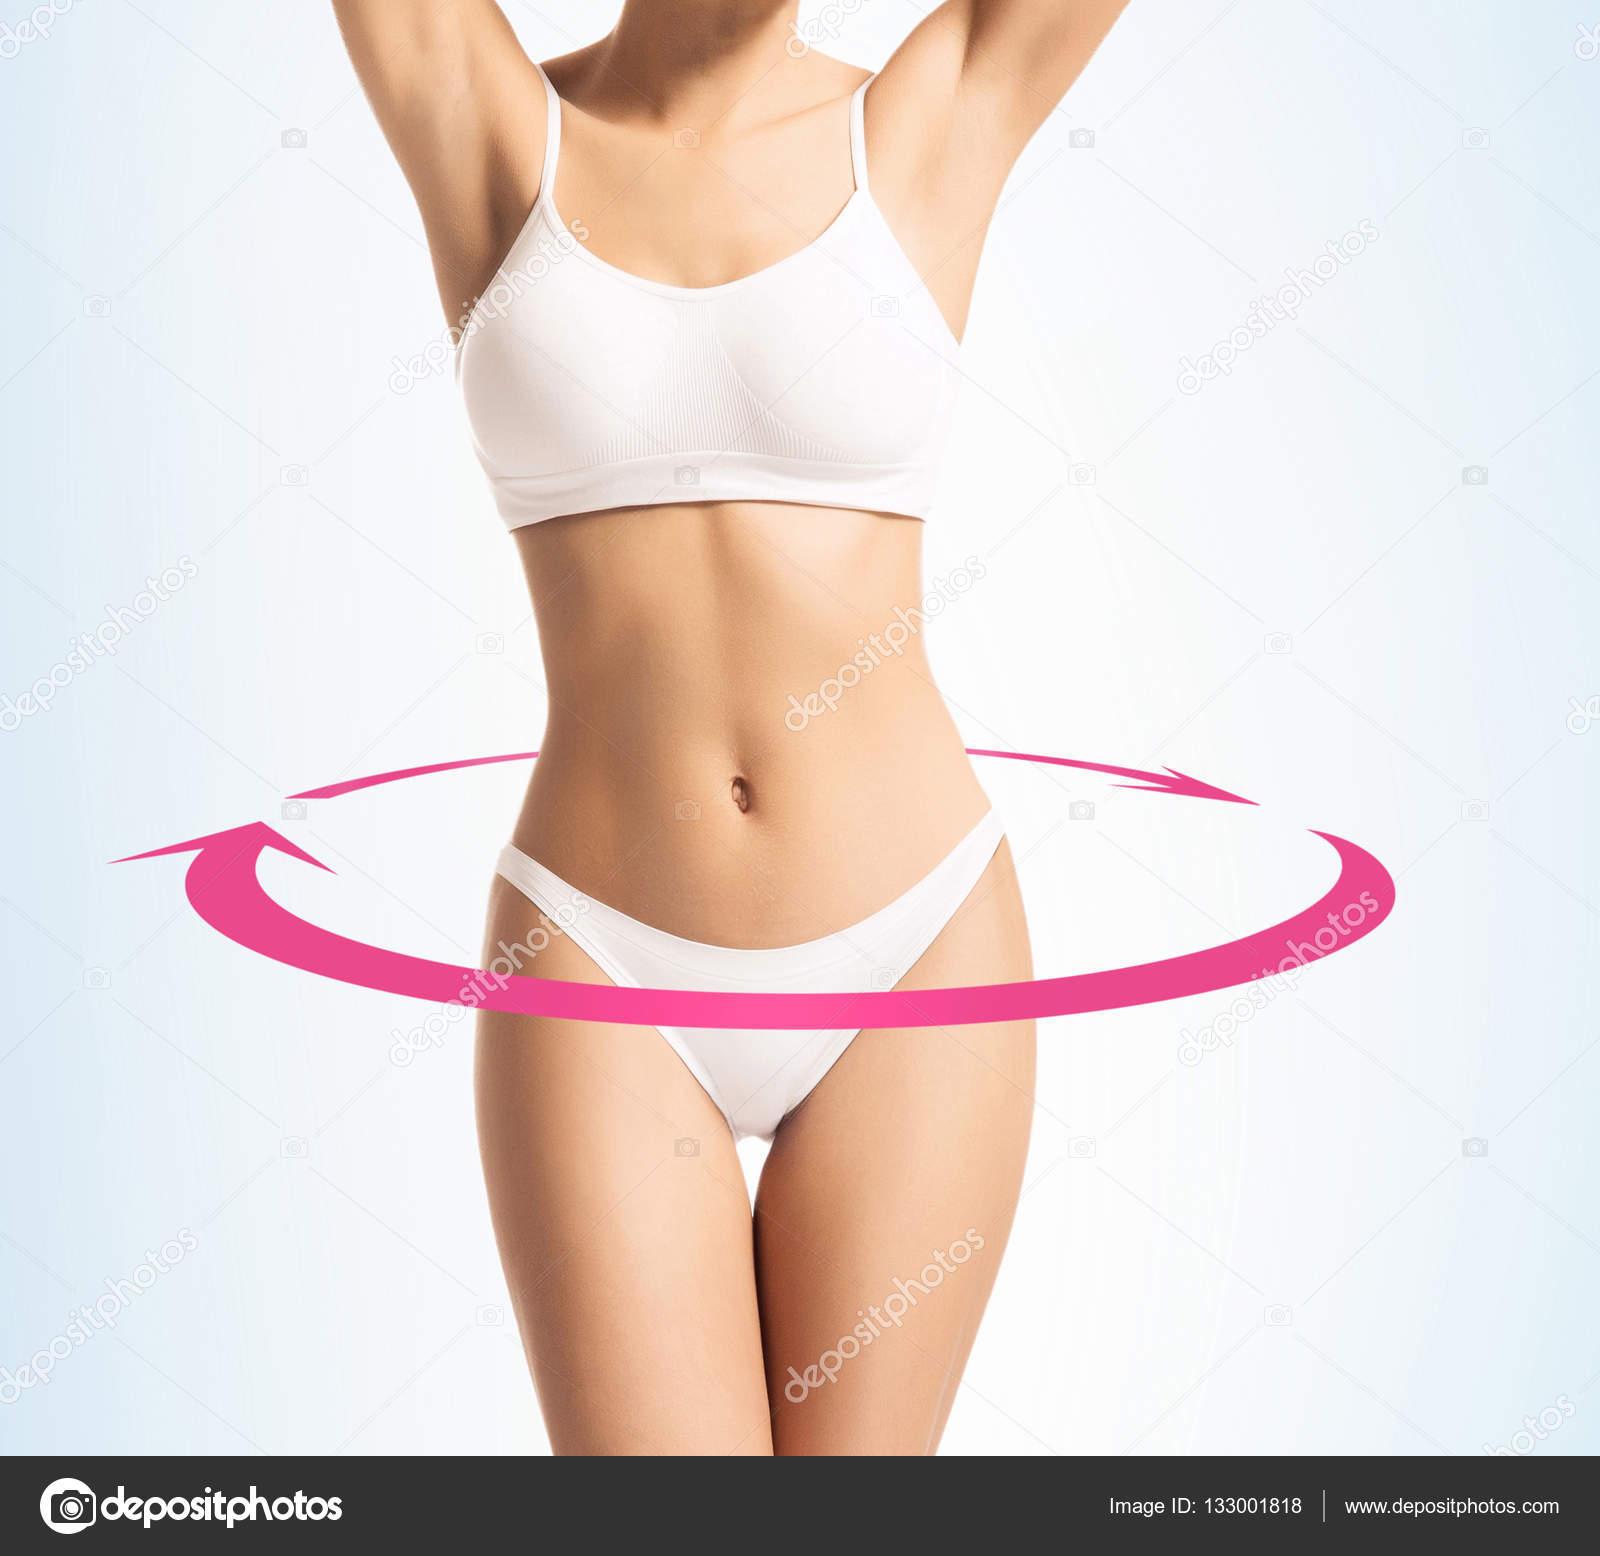 5c69de951e6eef Durchtrainierter Körper einer jungen Frau in sportliche Dessous ...